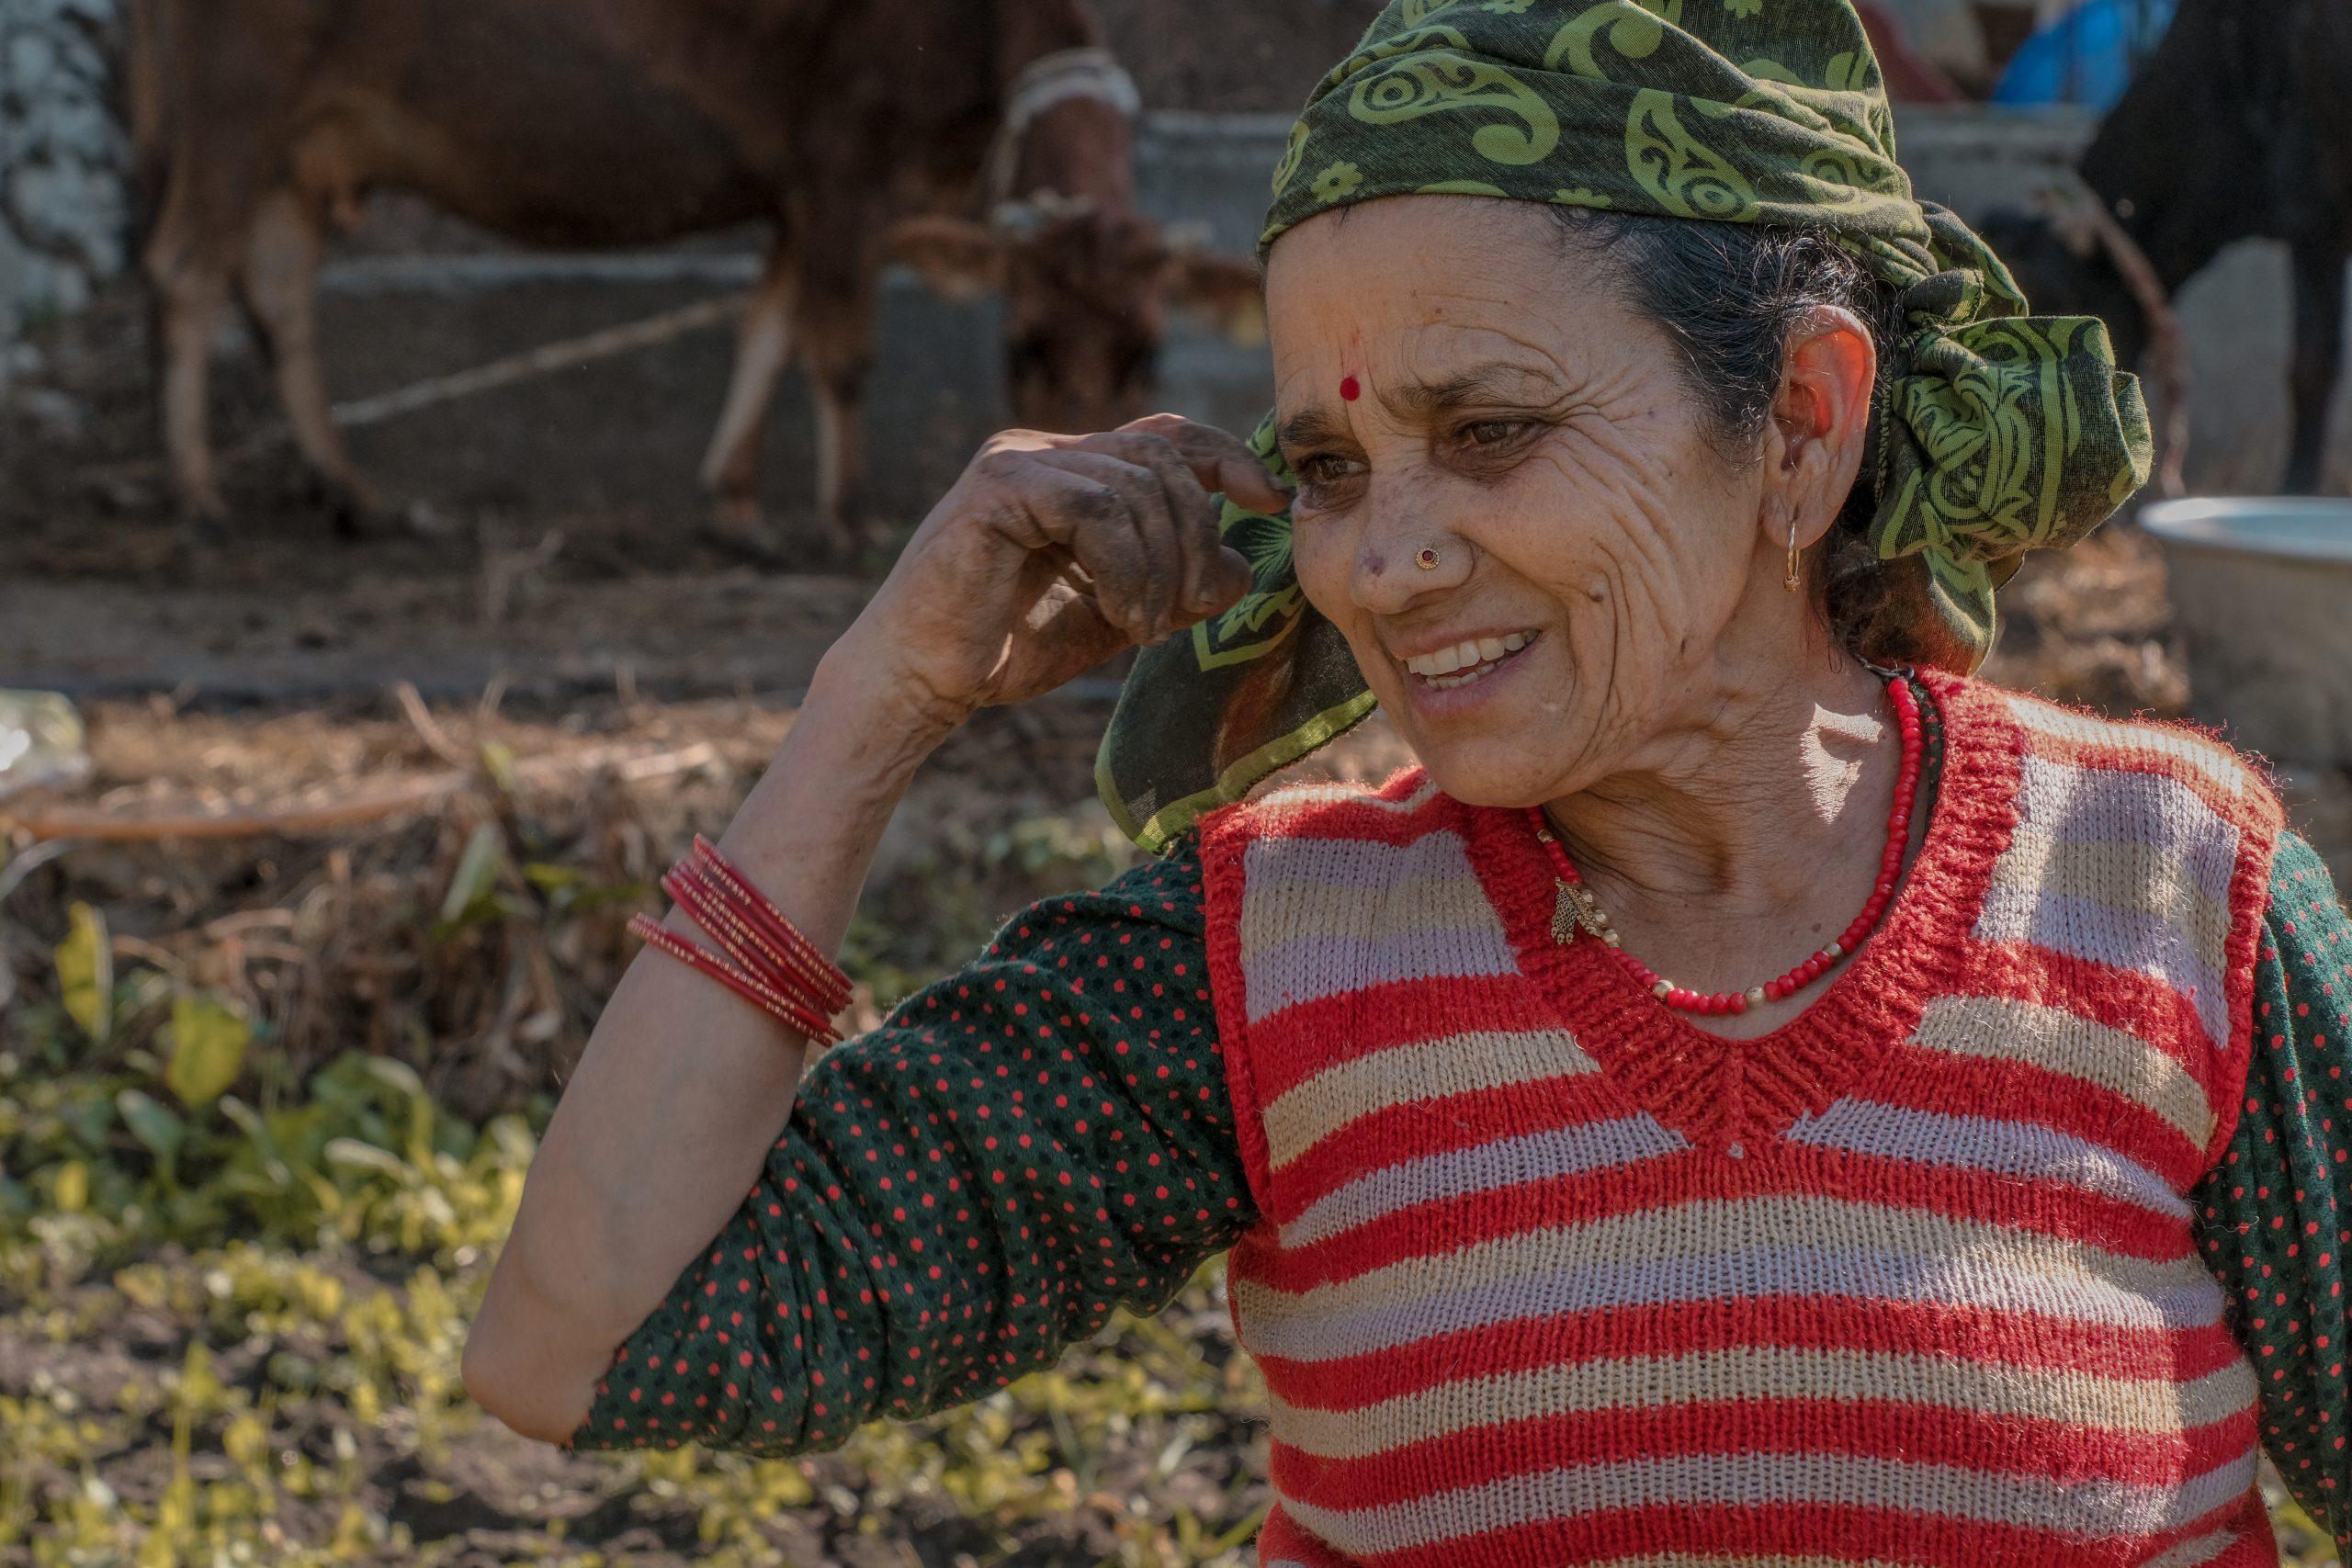 An old lady farmer